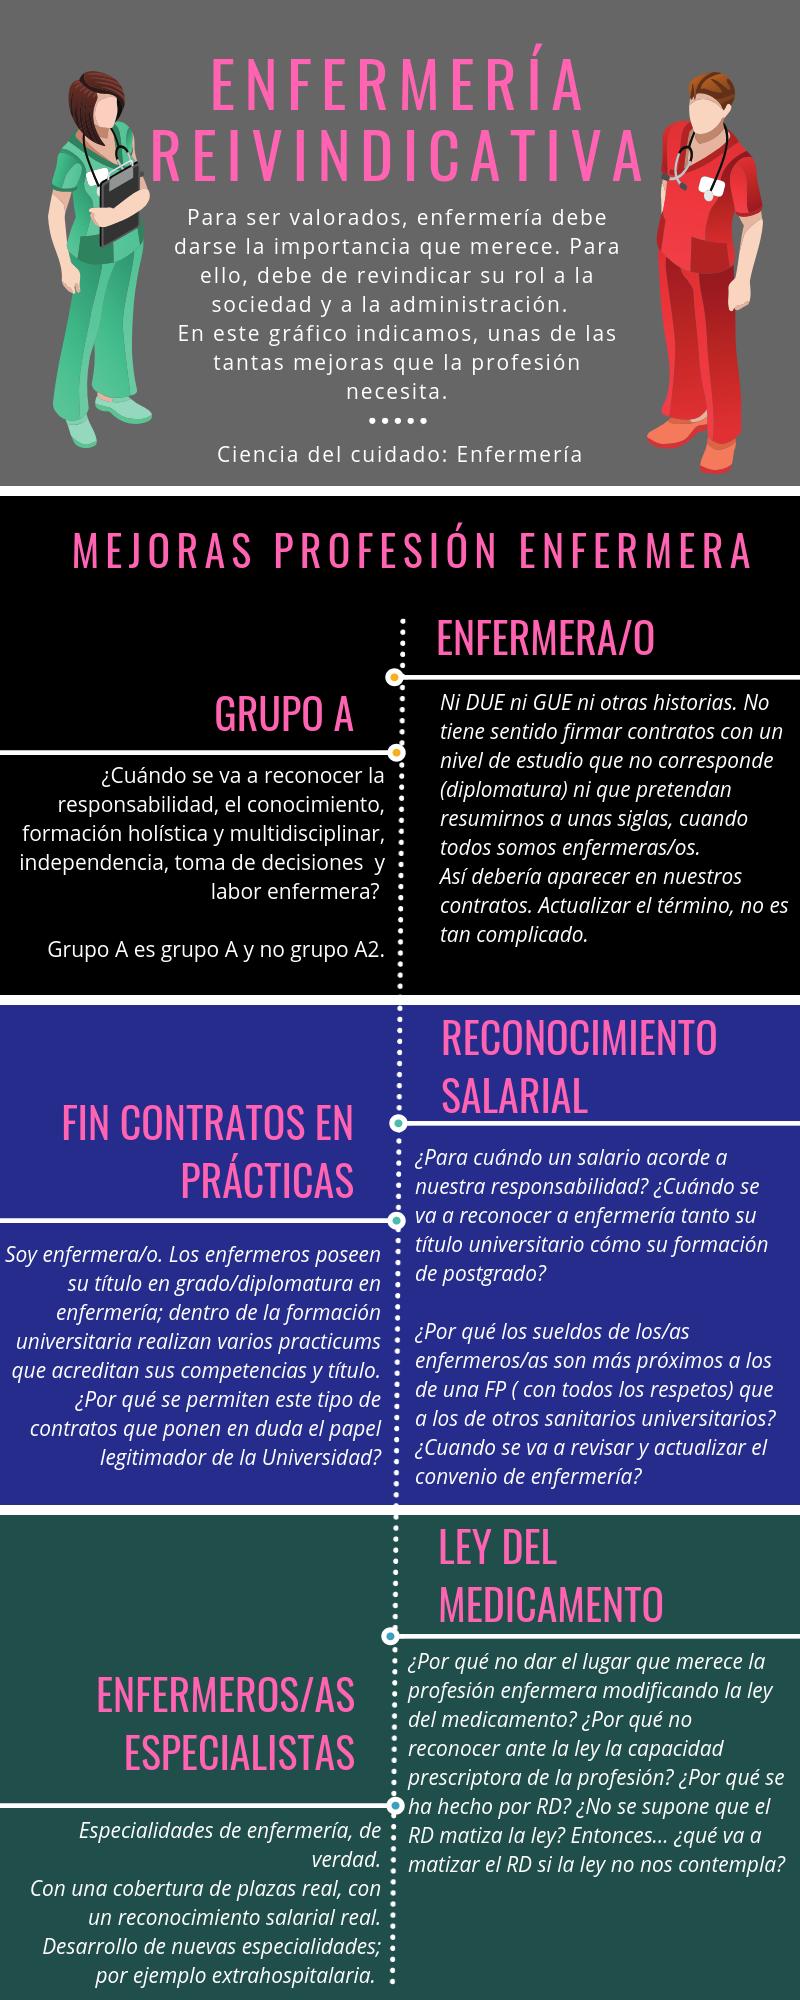 ENFERMERÍA GUERRERA (2)